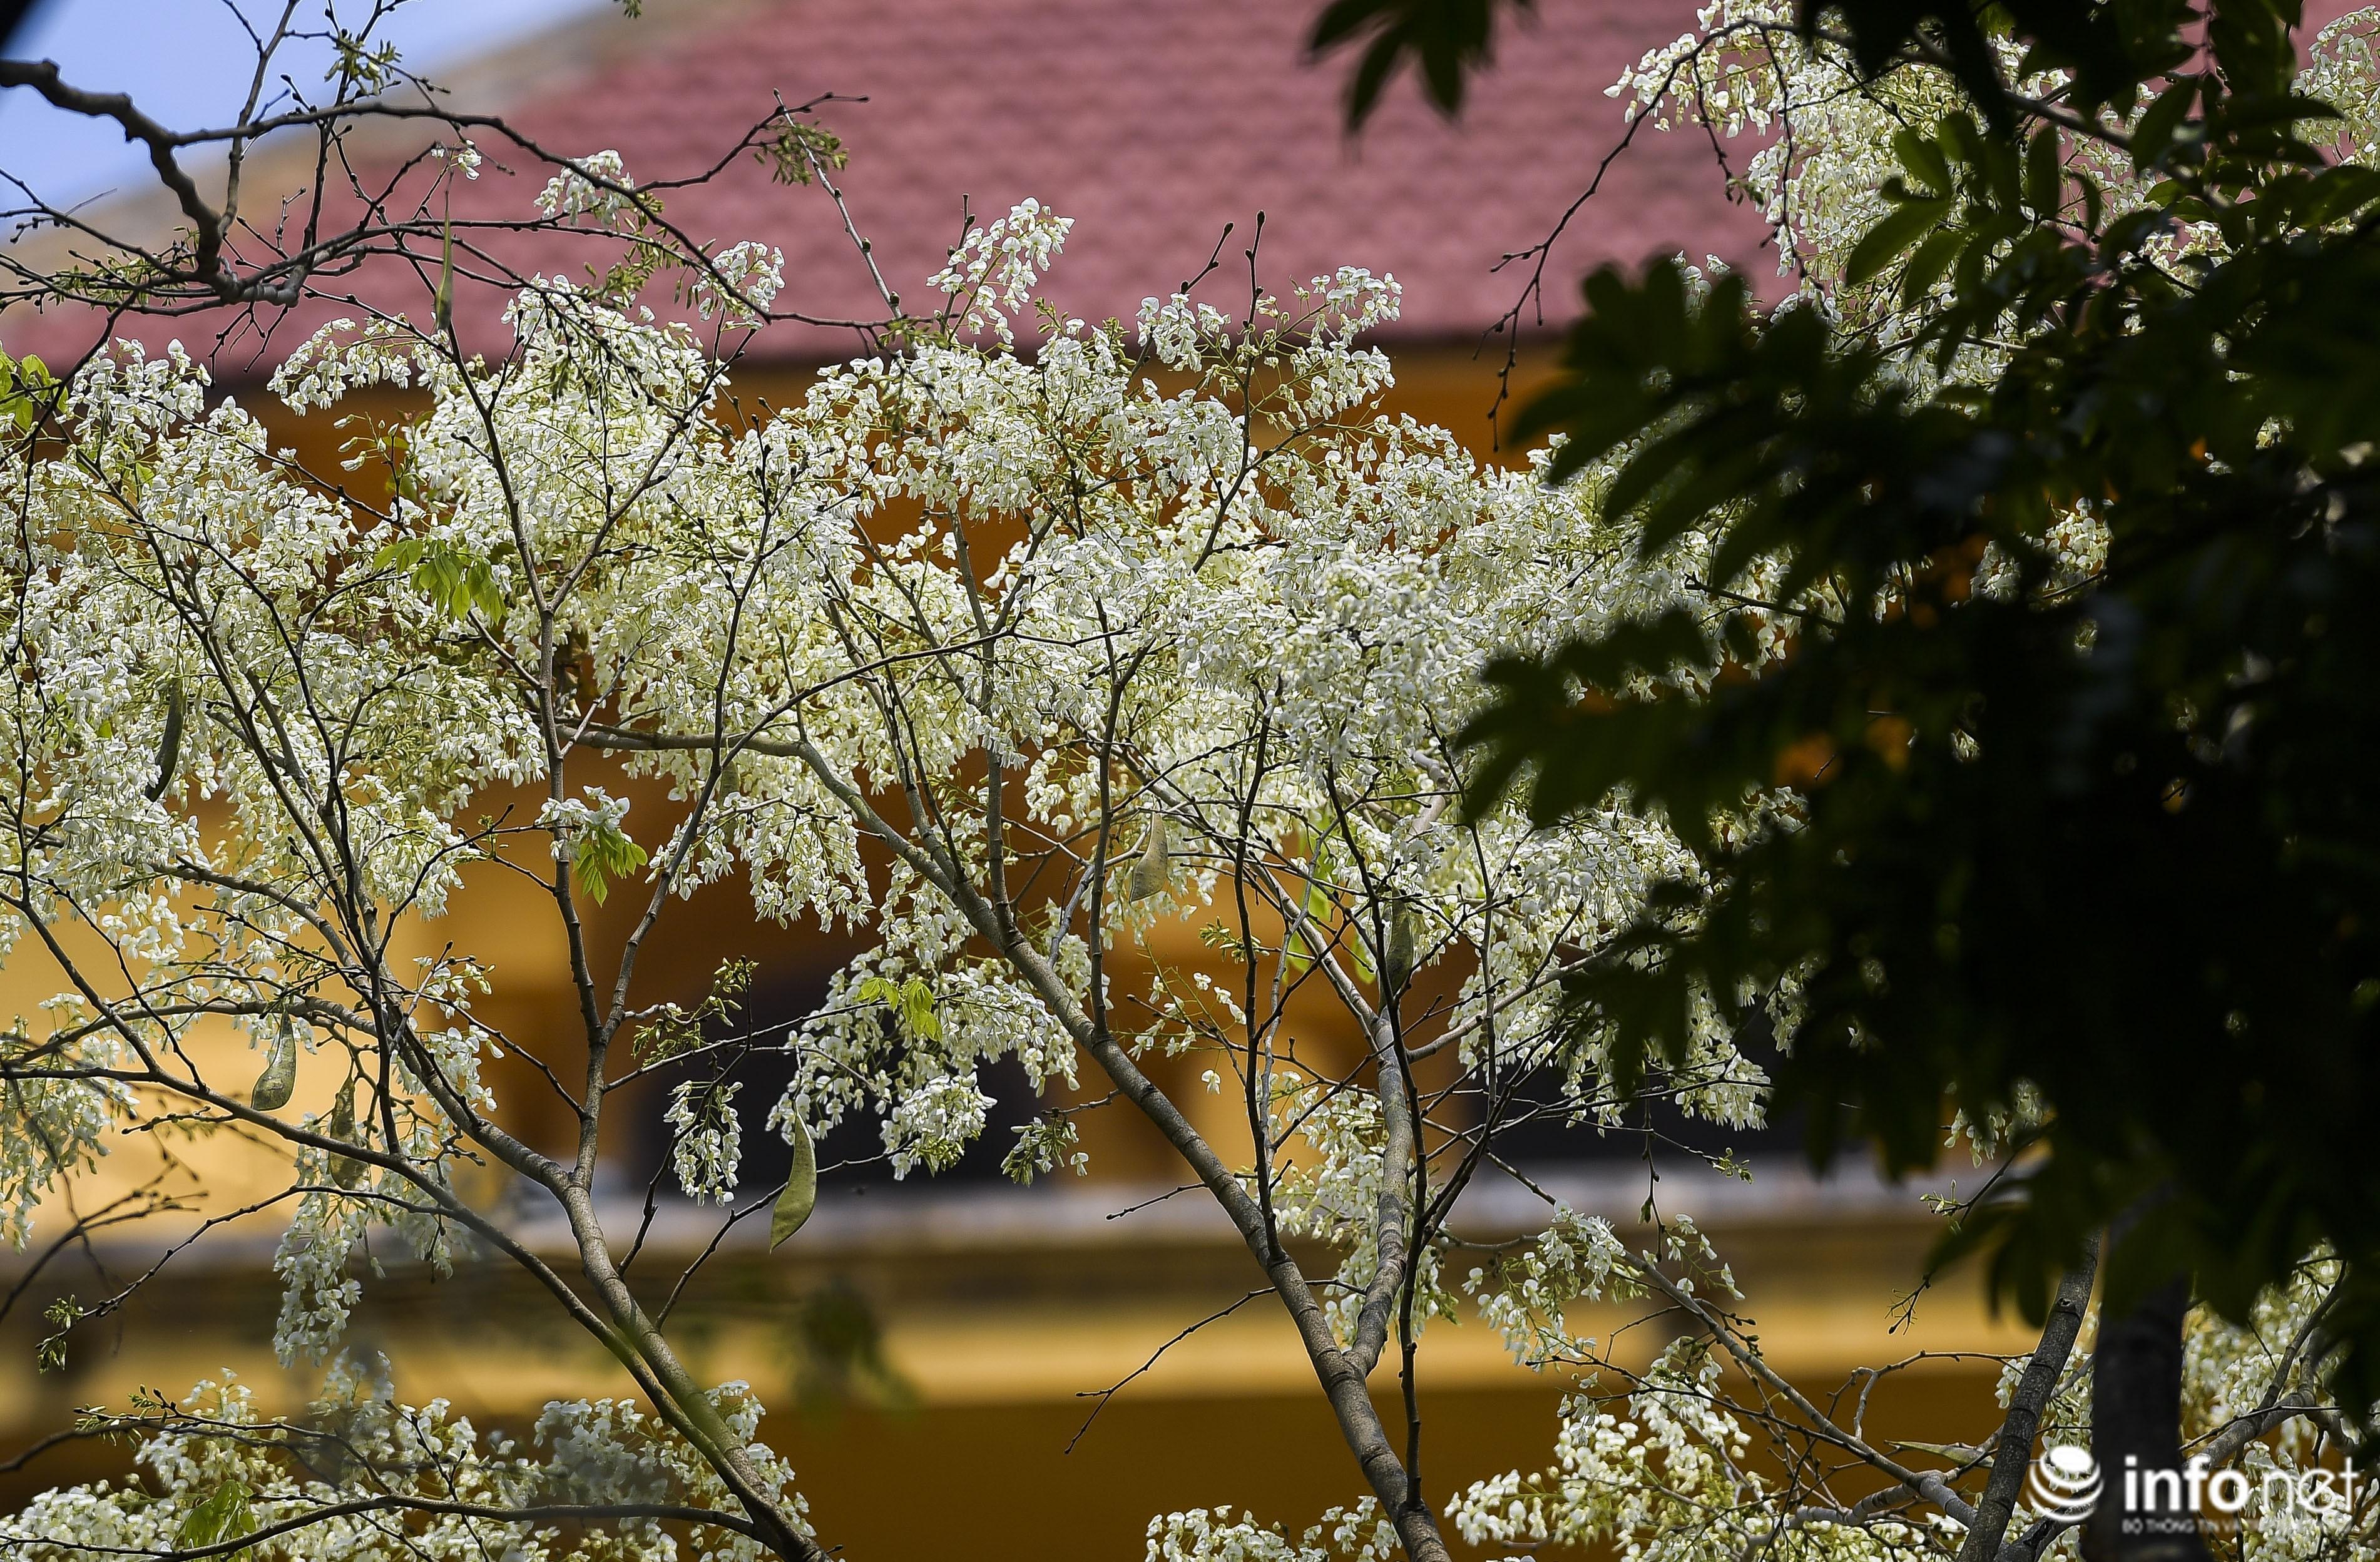 Ngắm hoa sưa nở trắng phố phường Hà Nội Ảnh 16